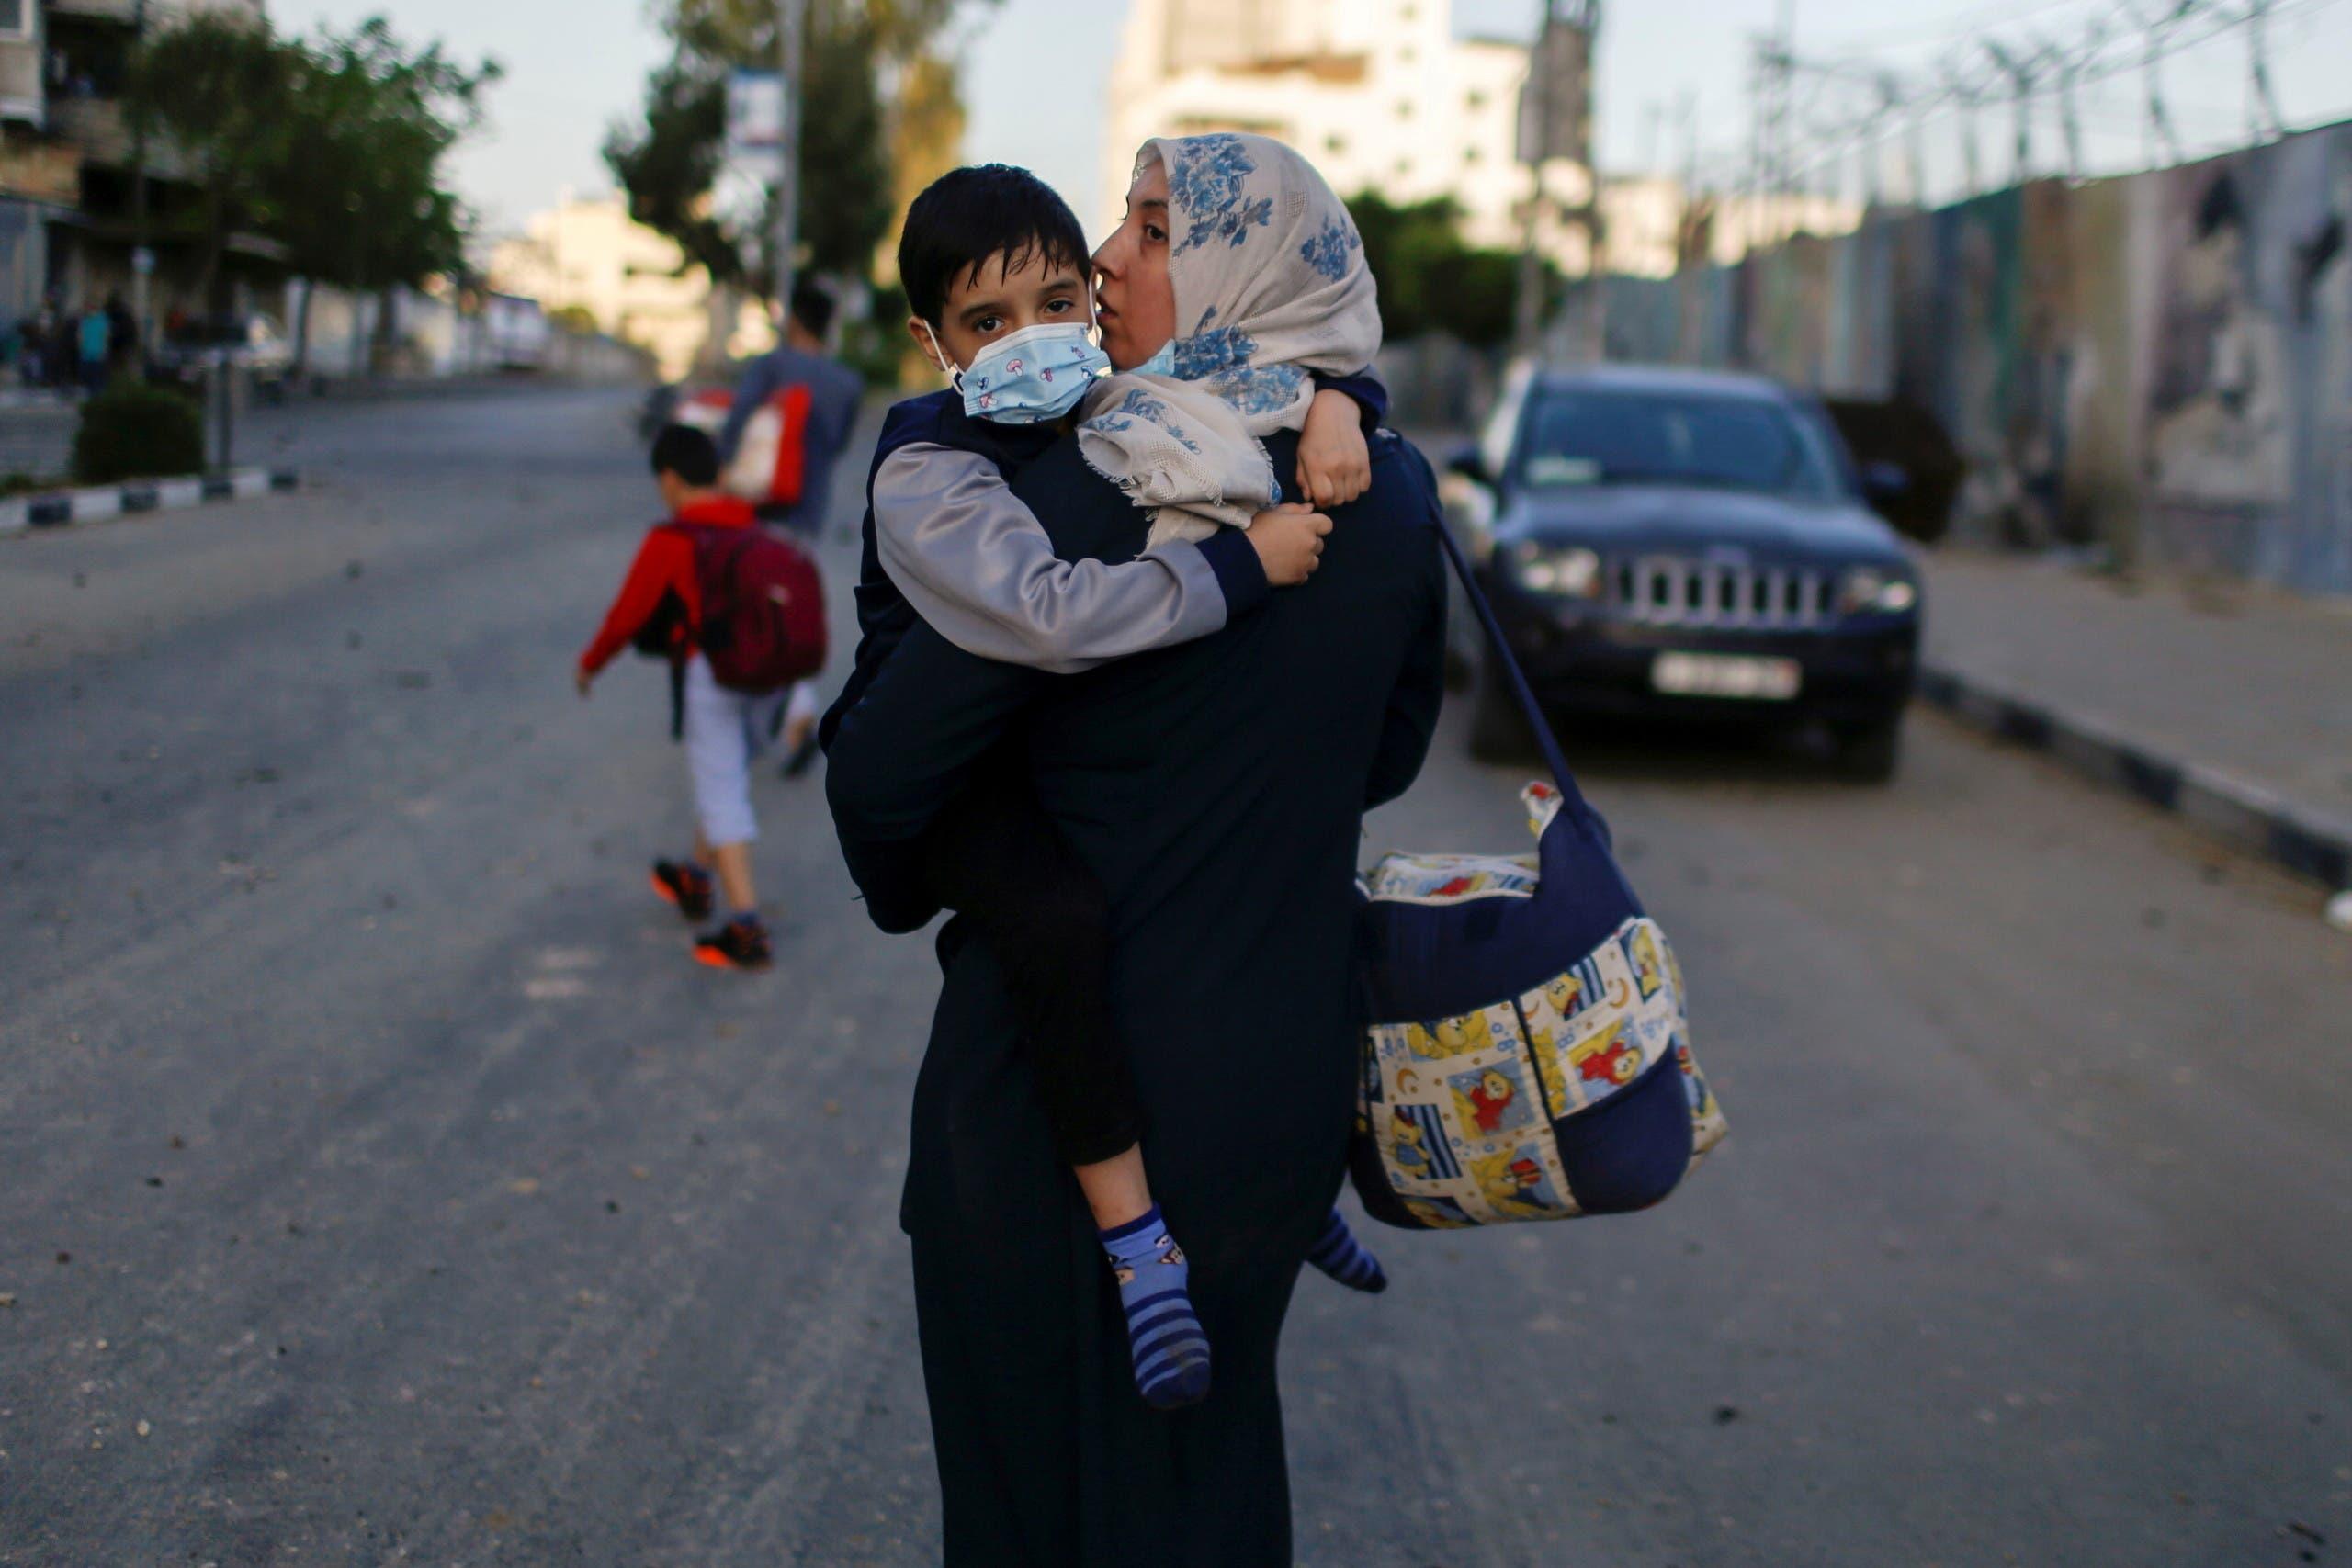 فلسطينية حاملة طفلها وهاربة من القصف في غزة (رويترز)